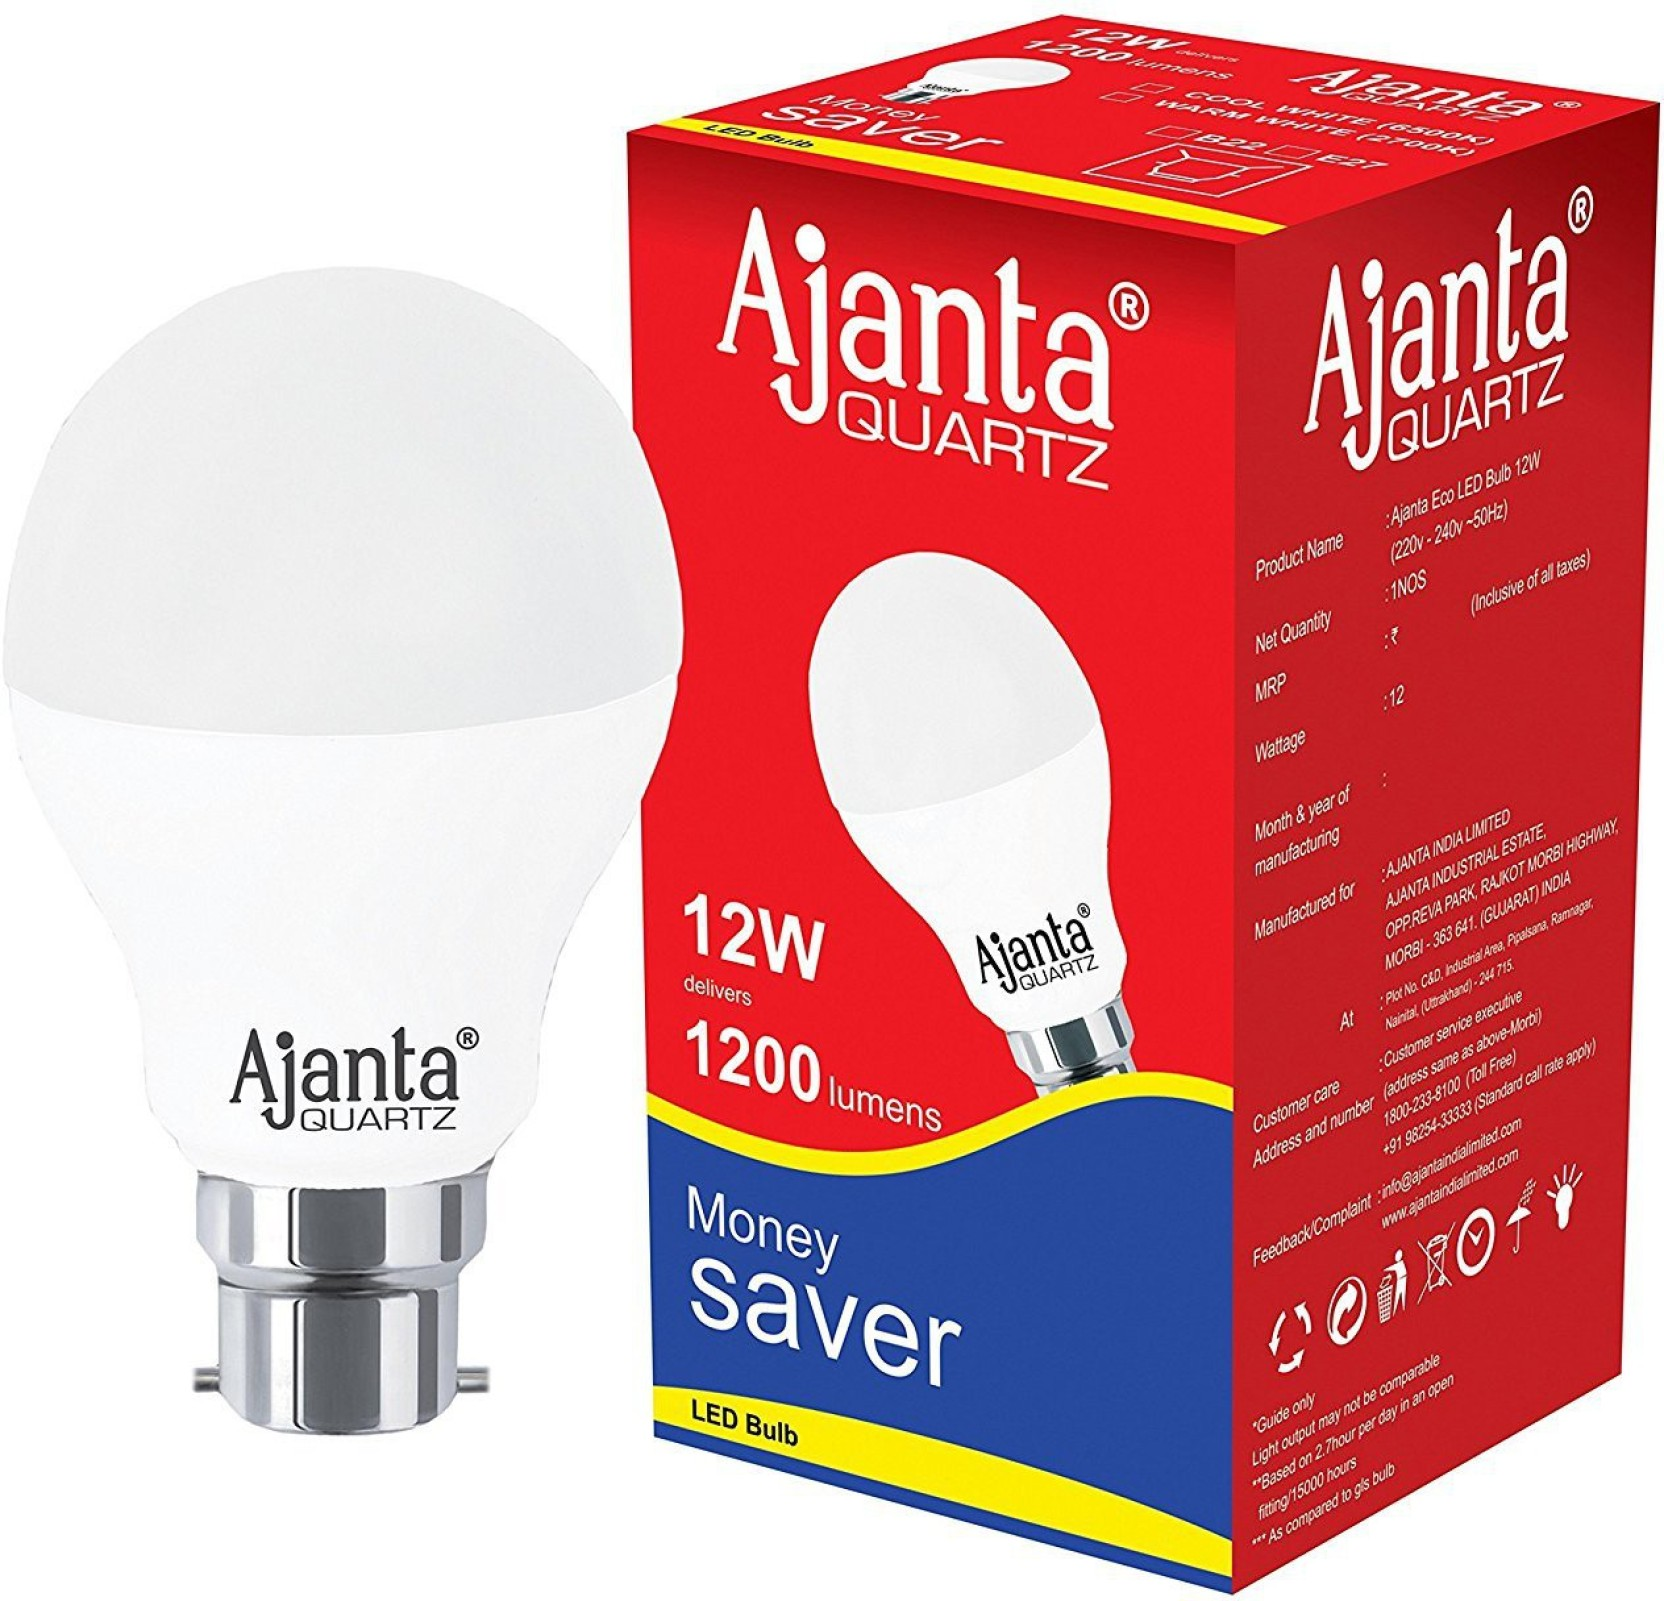 Ajanta 12 W Round B22 LED Bulb Price in India - Buy Ajanta 12 W